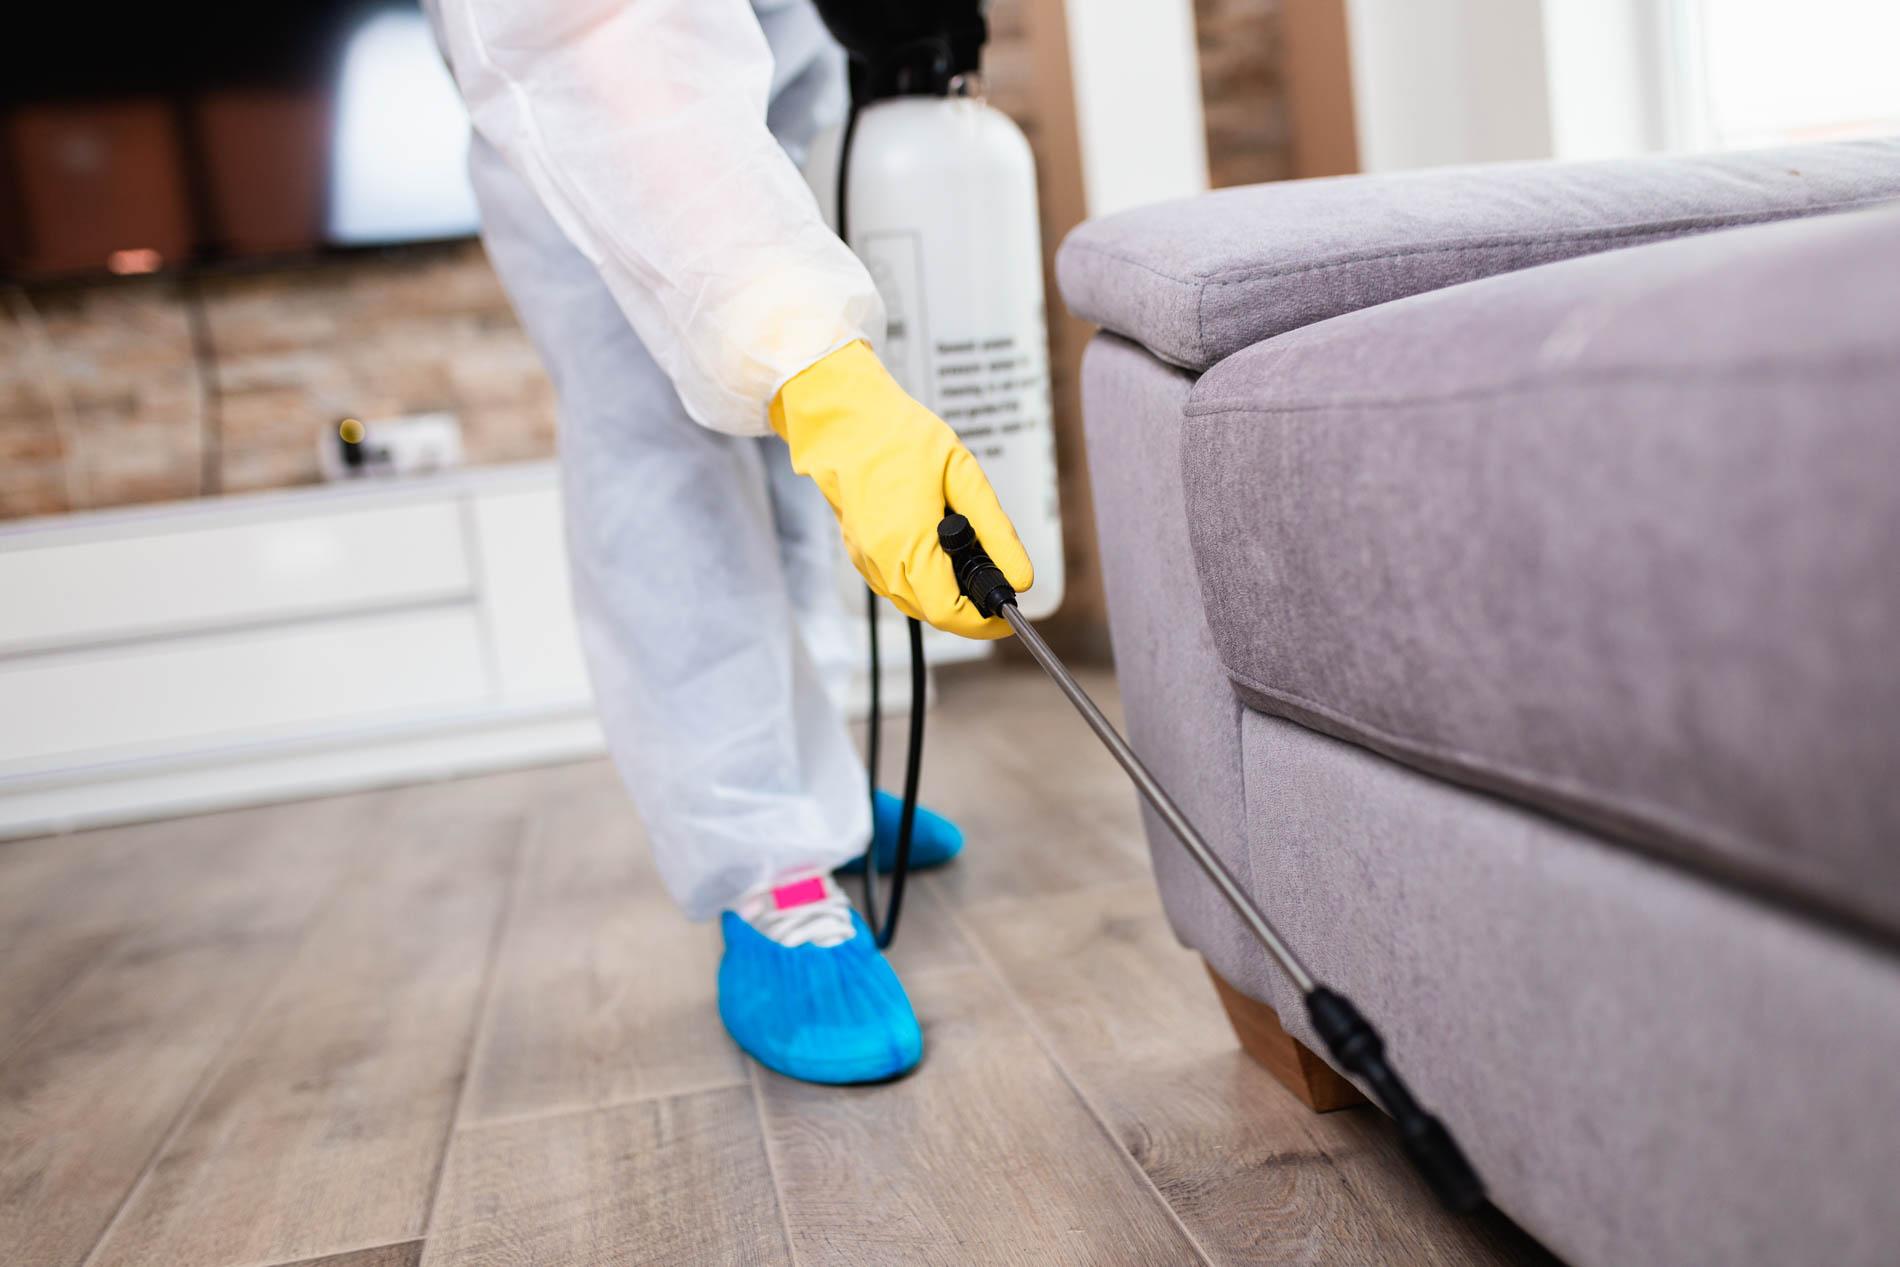 Exterminator,In,Work,Wear,Spraying,Pesticide,With,Sprayer.